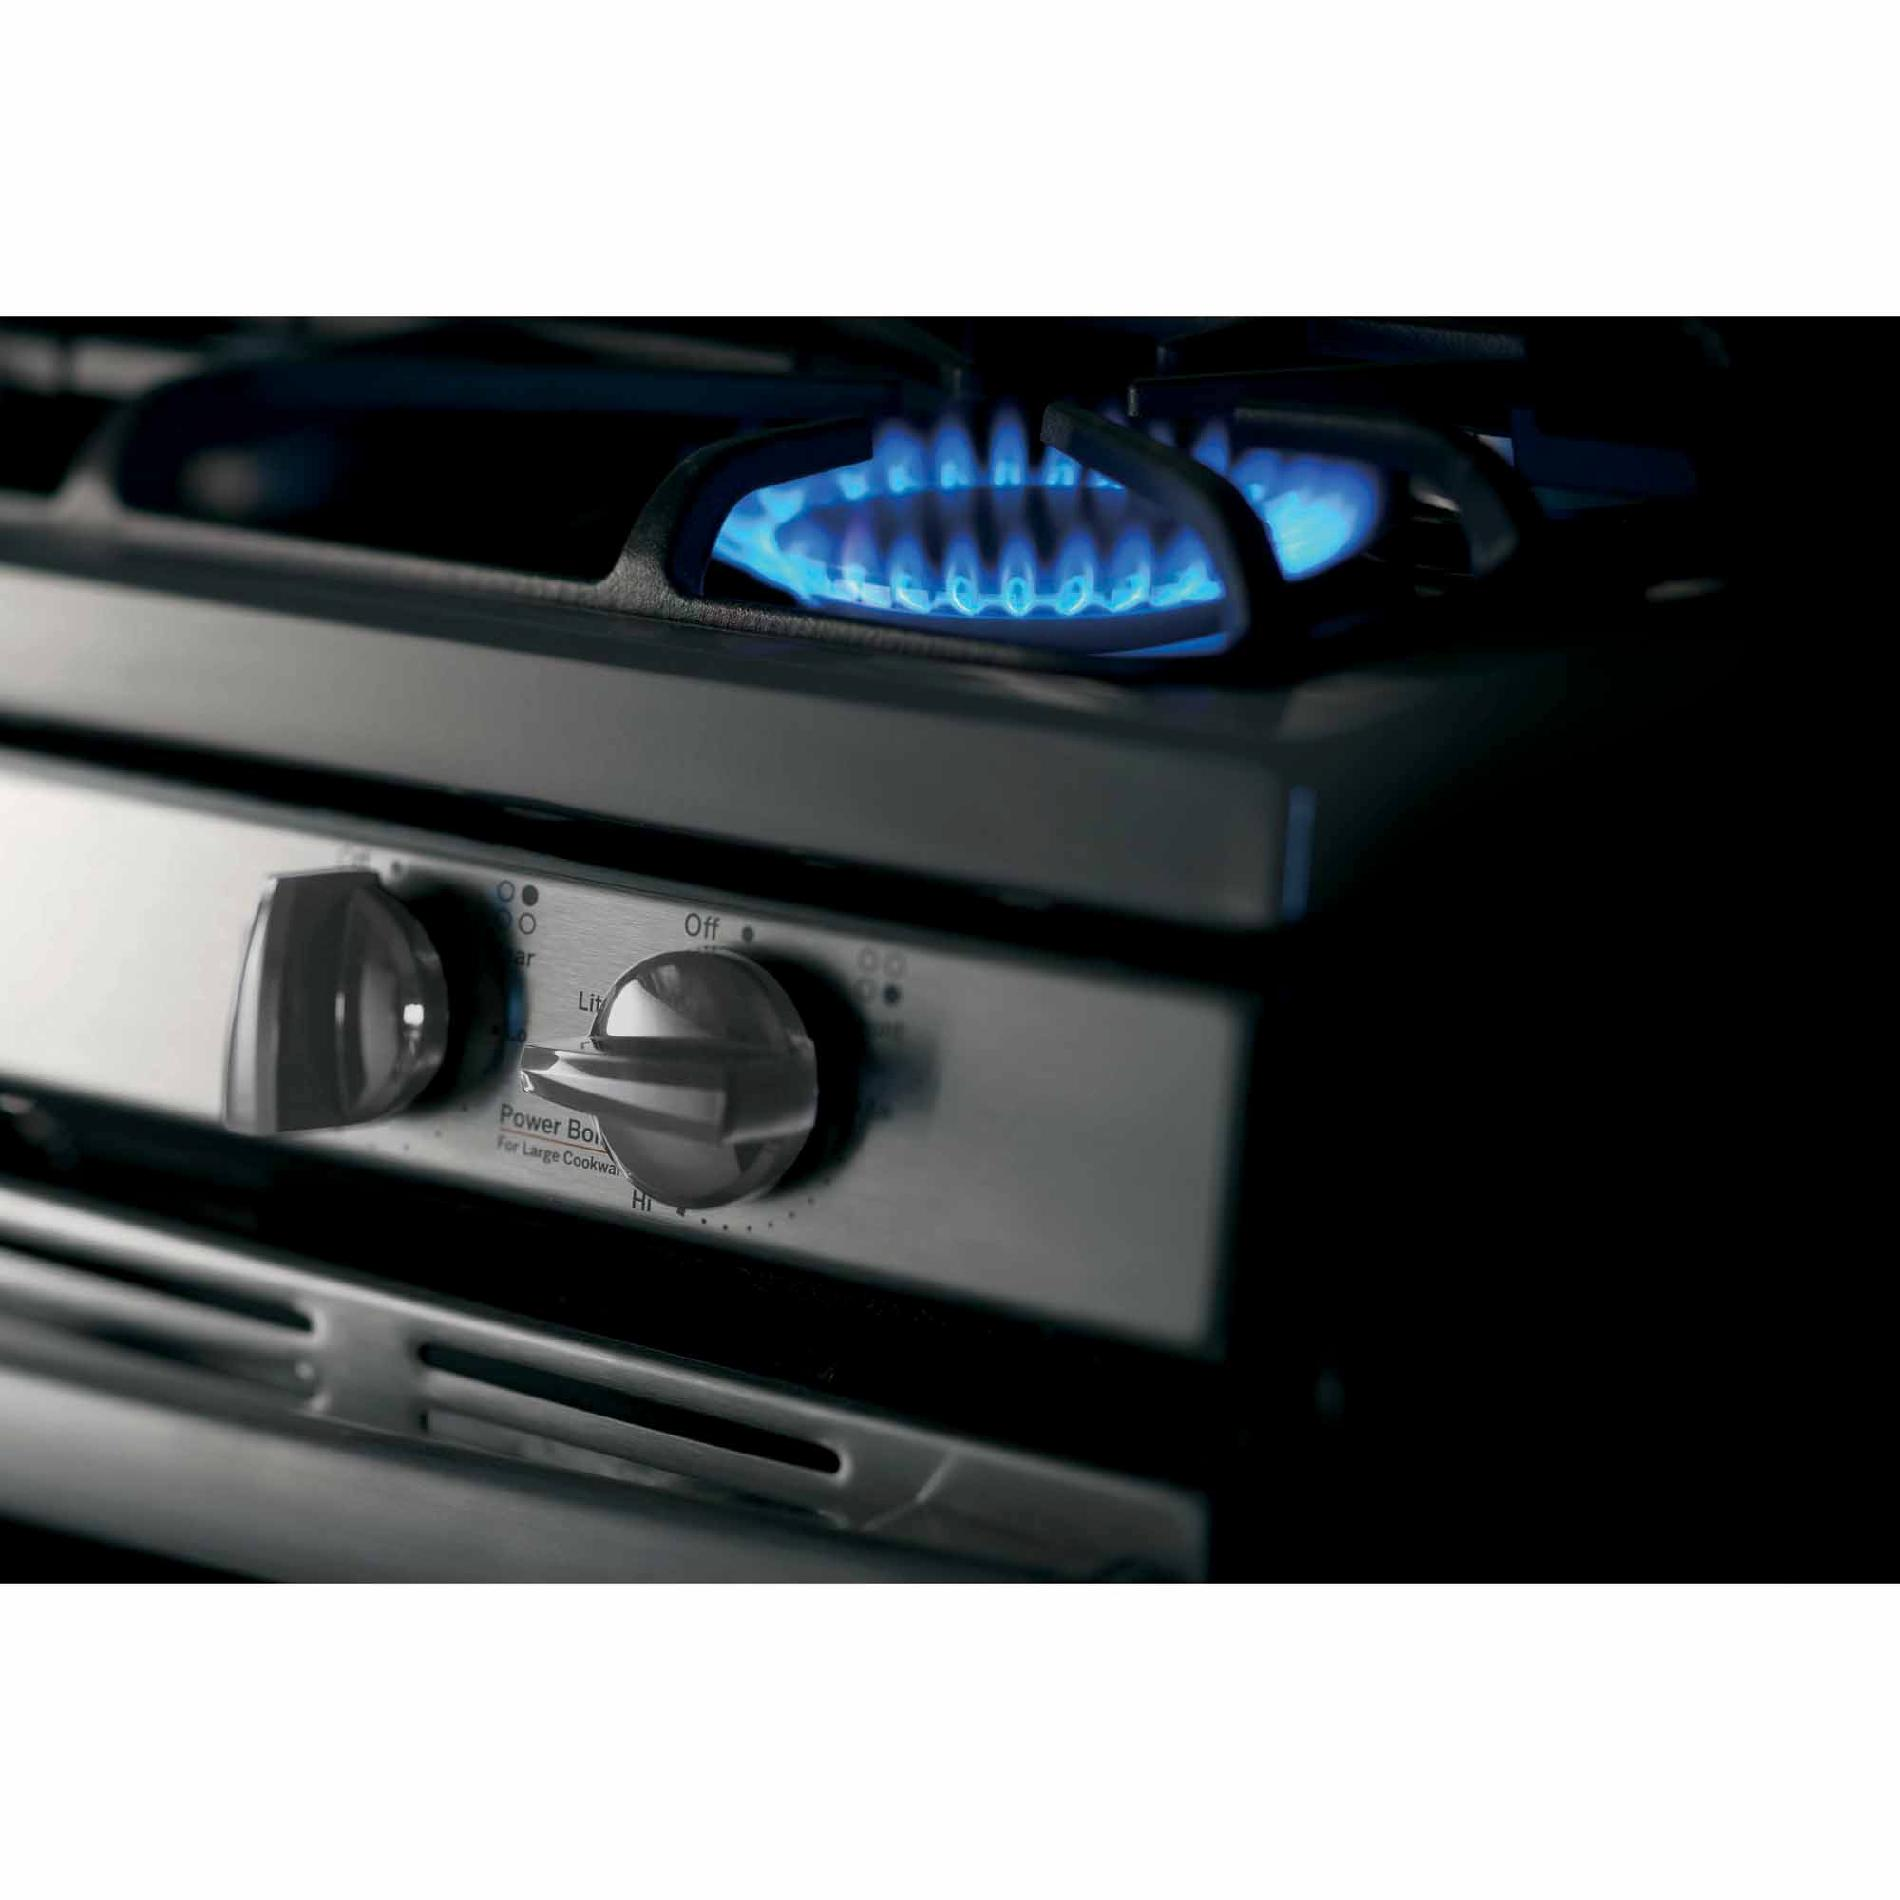 GE Appliances JGB640SEFSS 5.0 cu. ft. Gas Range - Stainless Steel